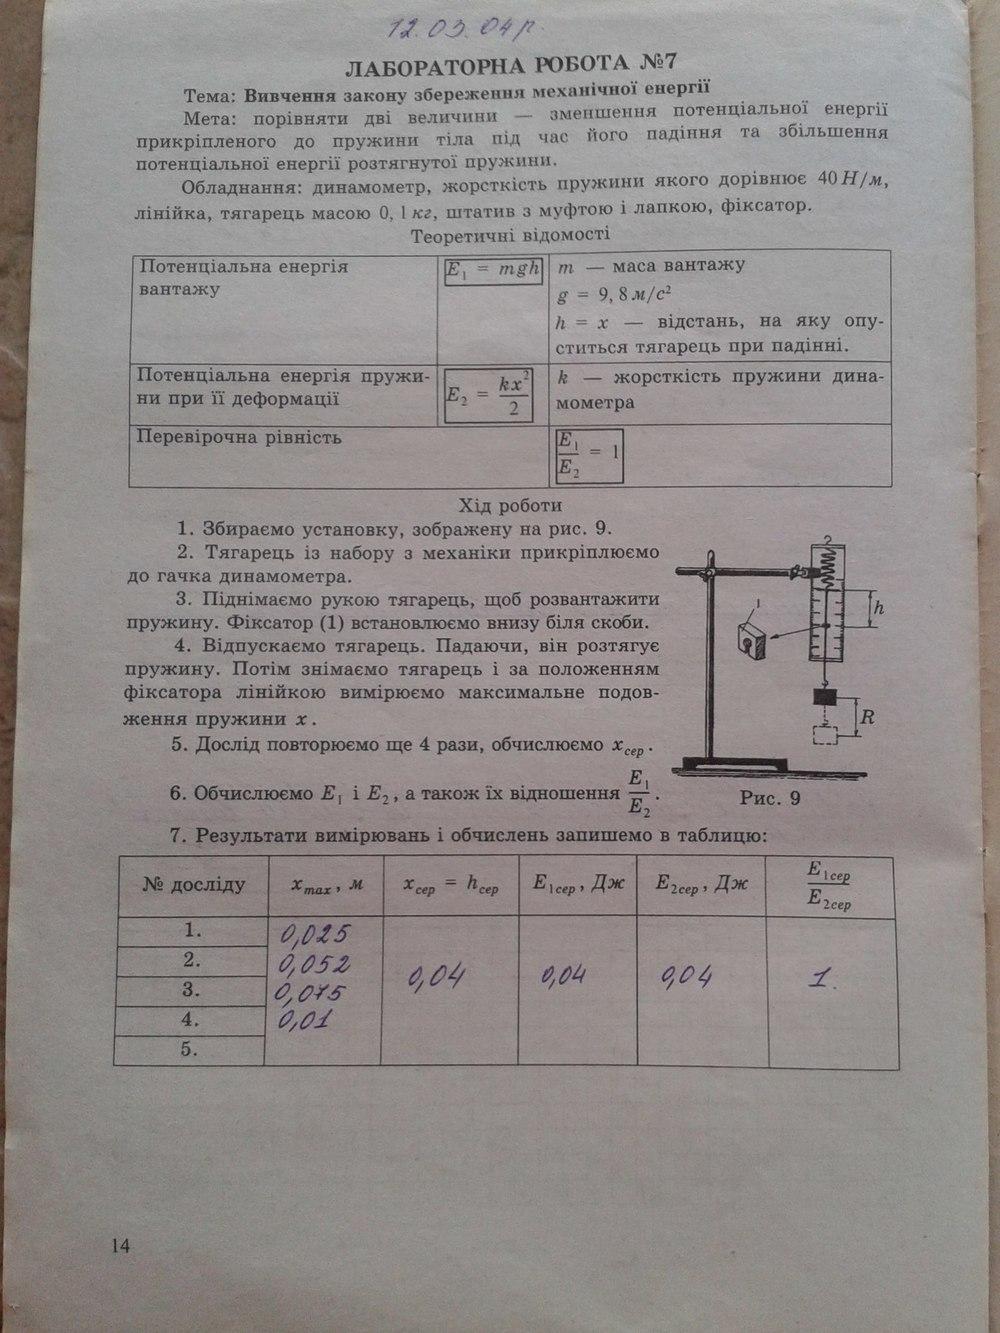 ГДЗ відповіді робочий зошит по физике 9 класс . Задание: стр. 14